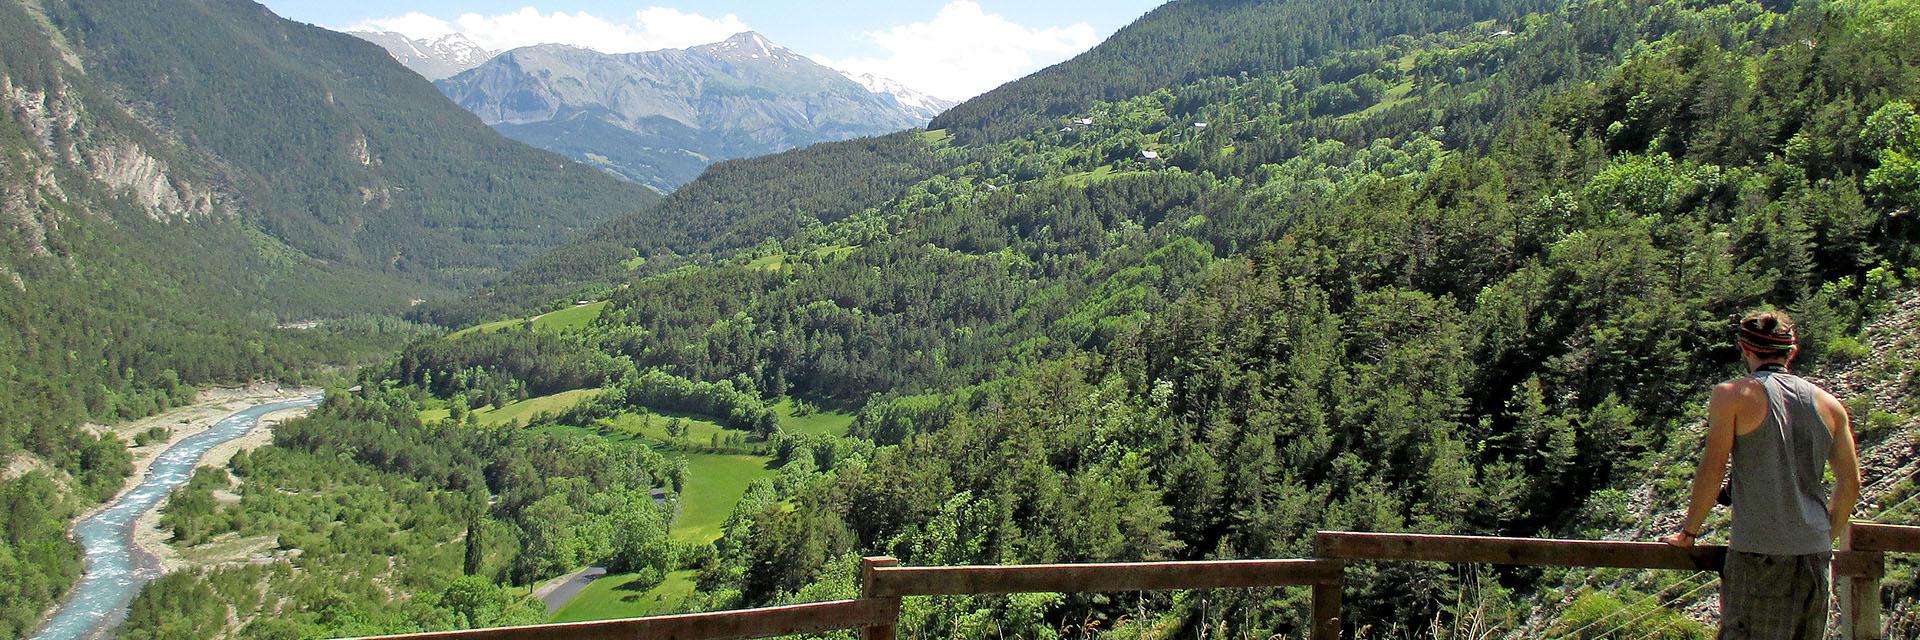 Découverte alpine en Haute-Provence - Domaine de l'Adoux